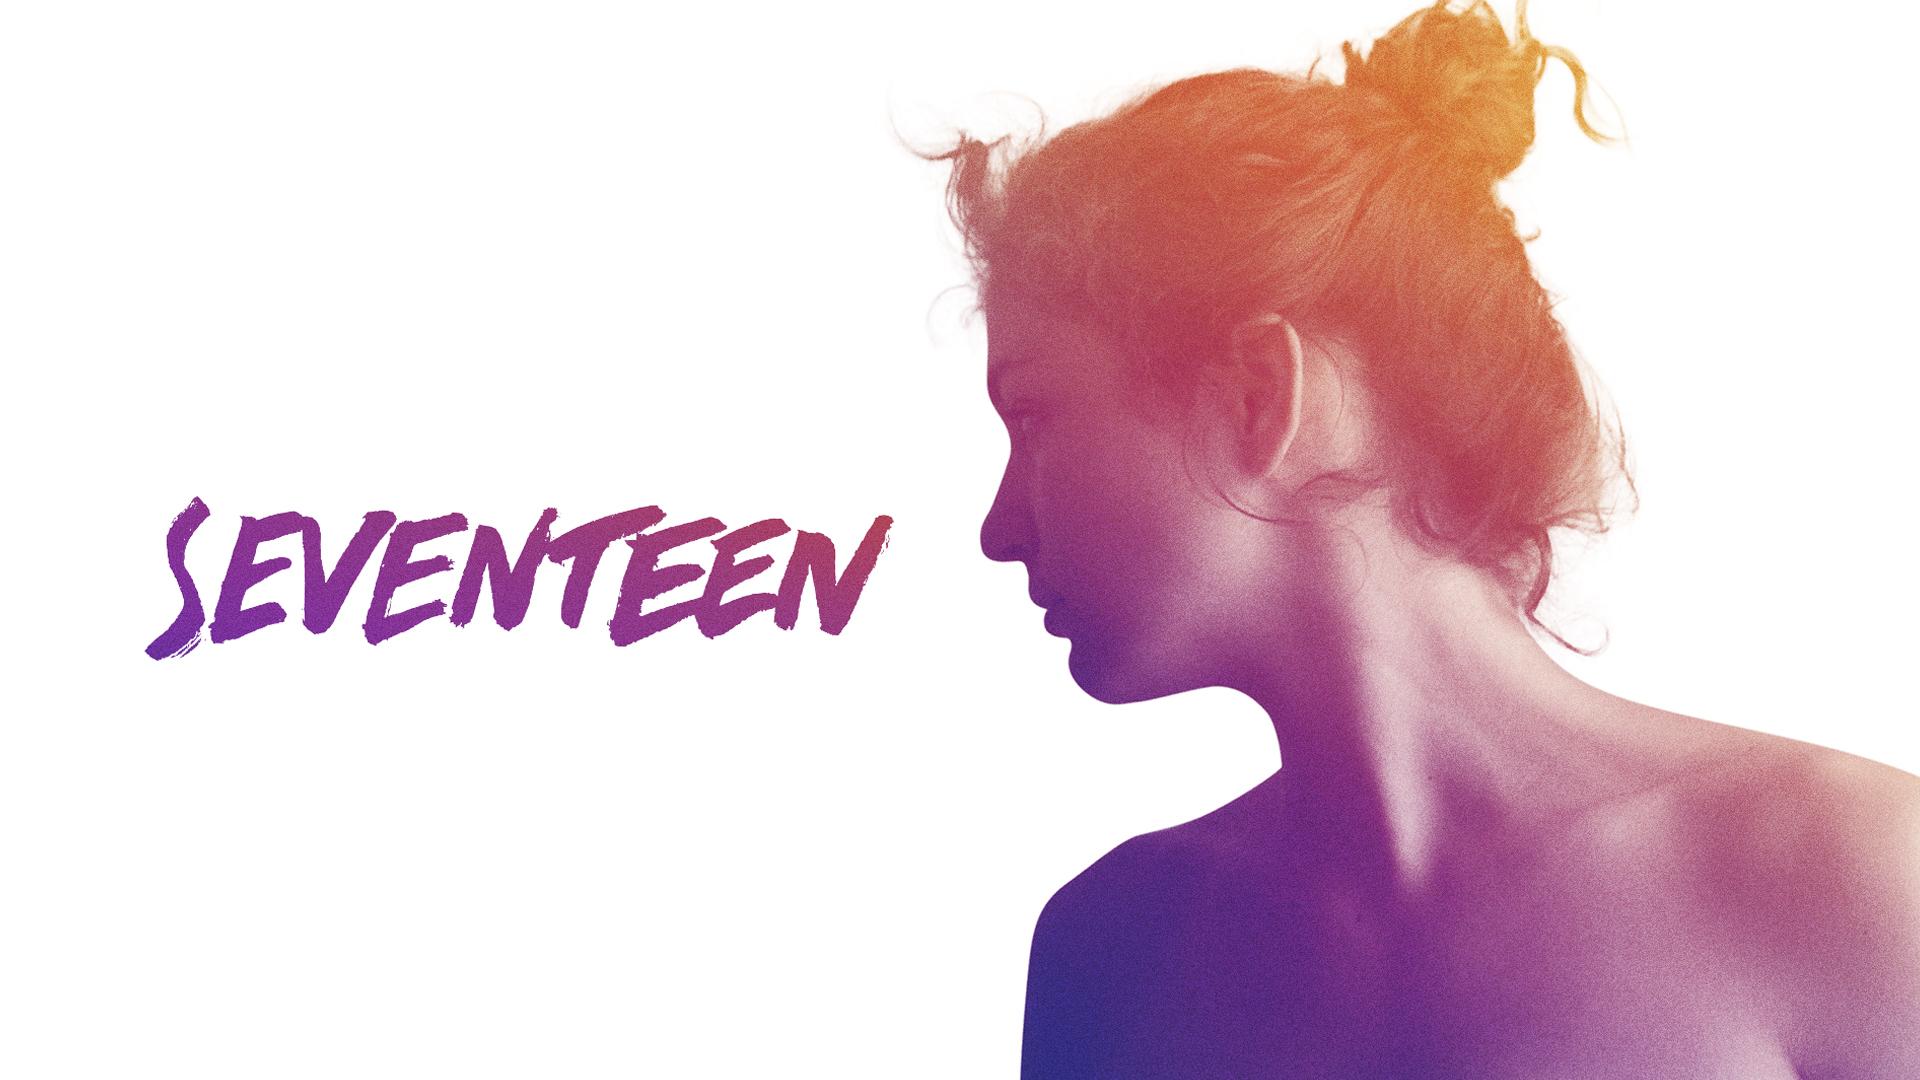 Seventeen (Siebzhen)